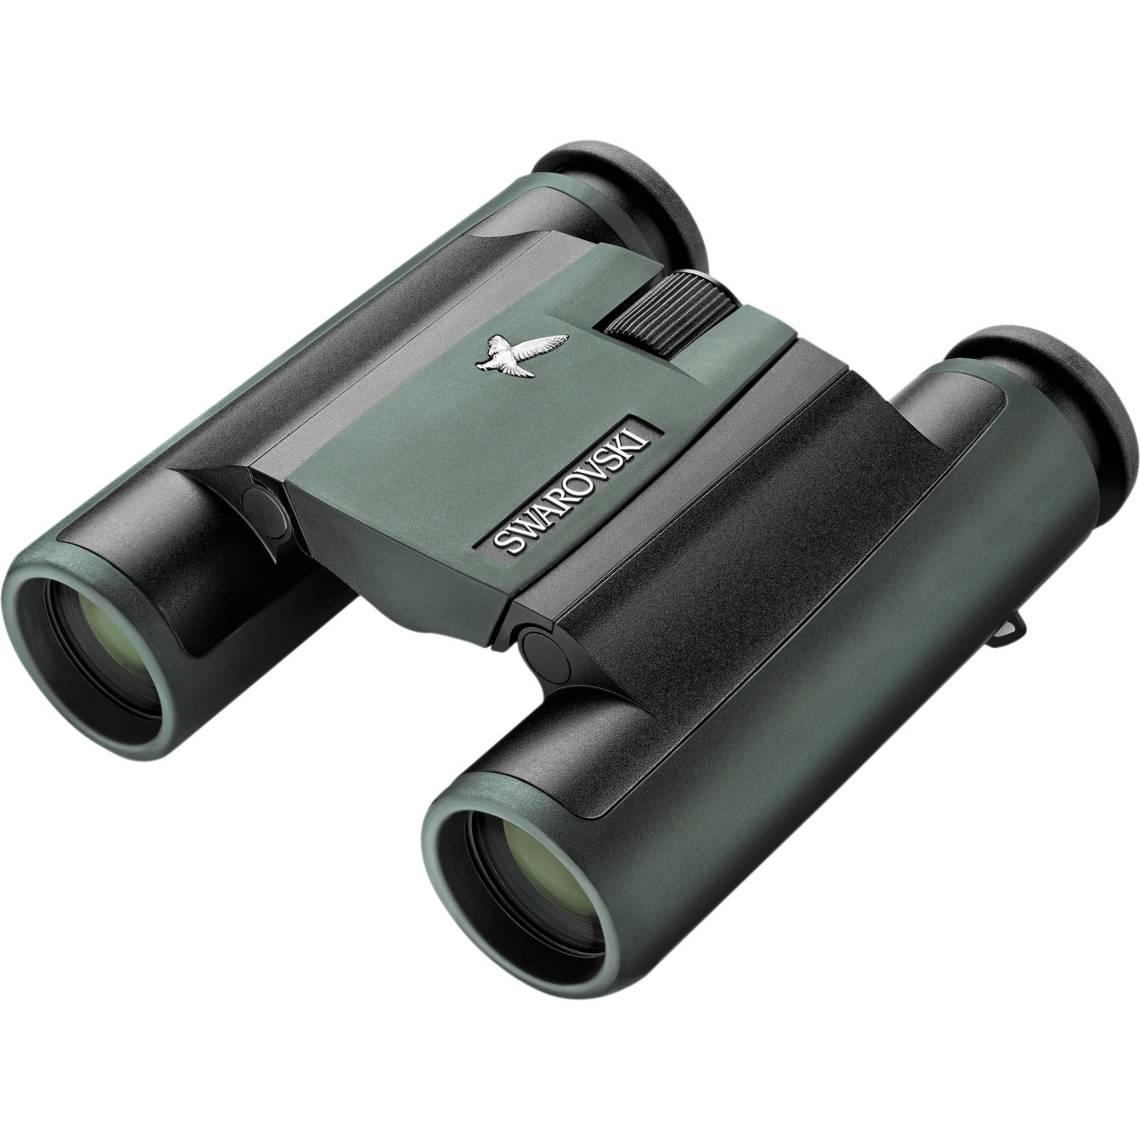 Swarovski Optik CL Pocket 8x25 B.jpg